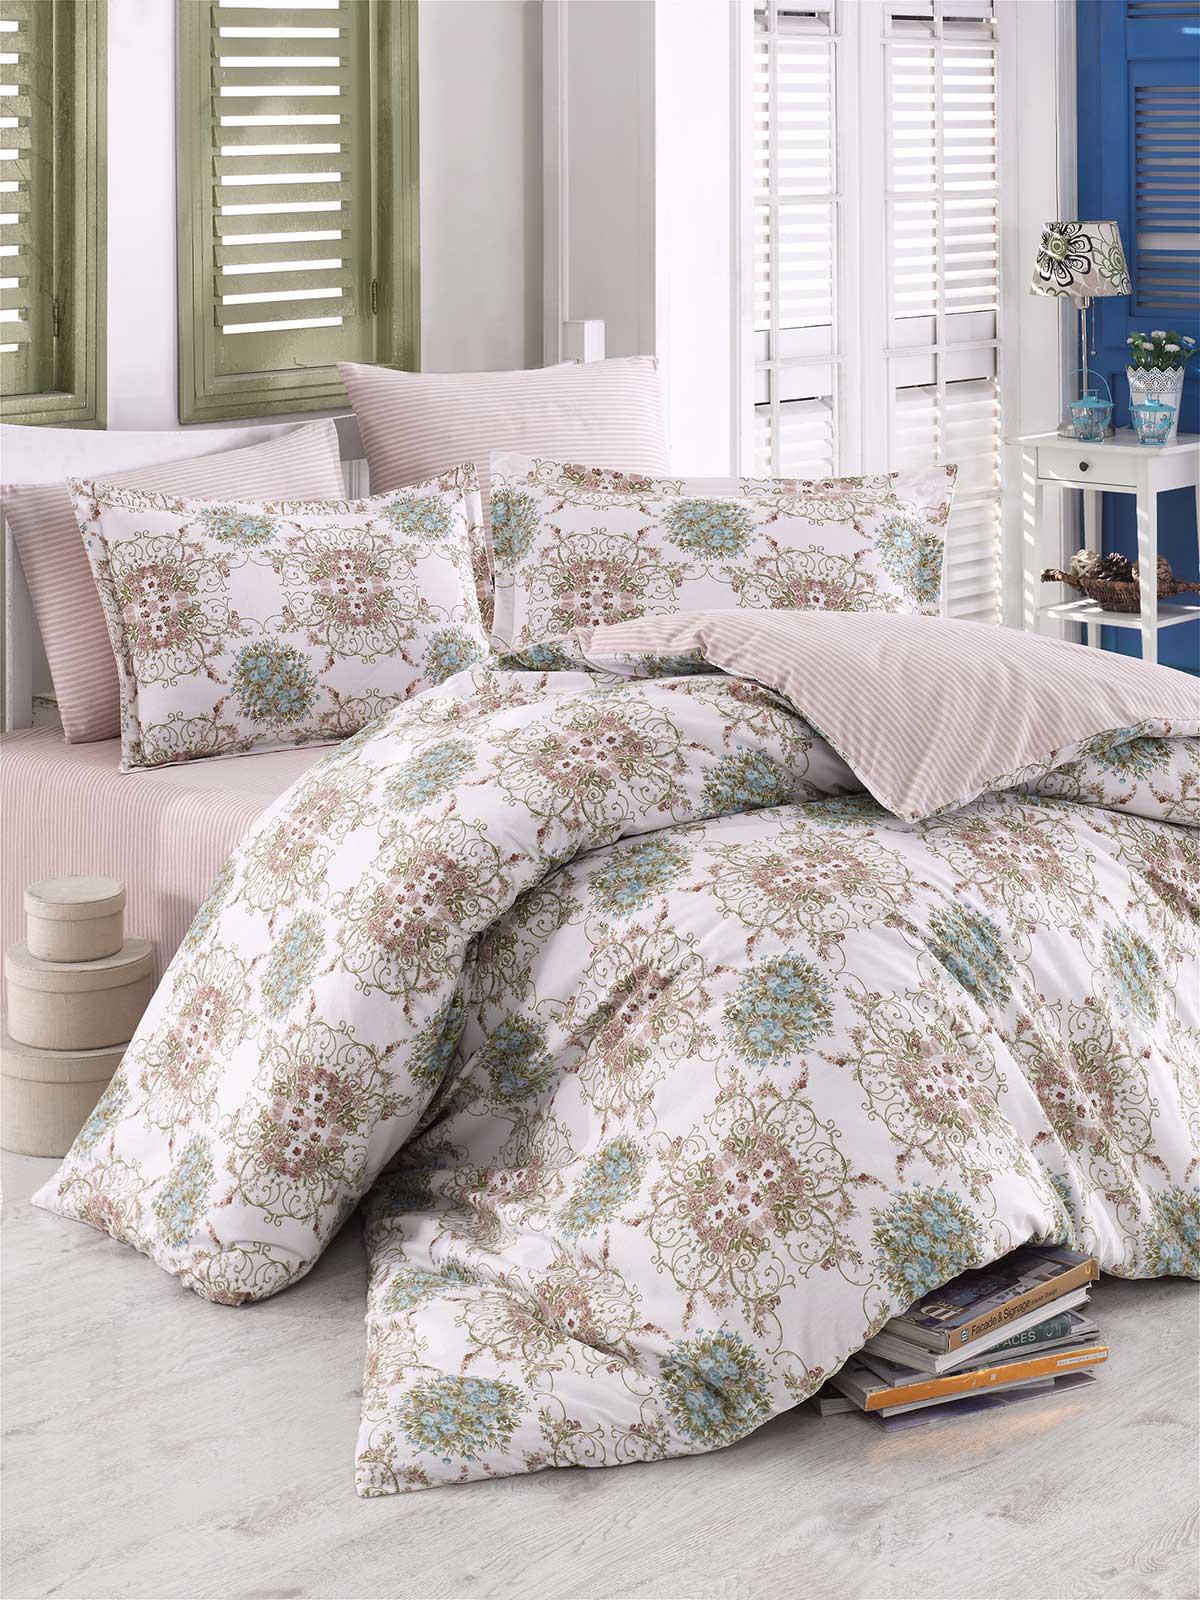 6 tlg bettw sche bettgarnitur 100 baumwolle kissen decke 220x240 cm sultan gr n ebay. Black Bedroom Furniture Sets. Home Design Ideas